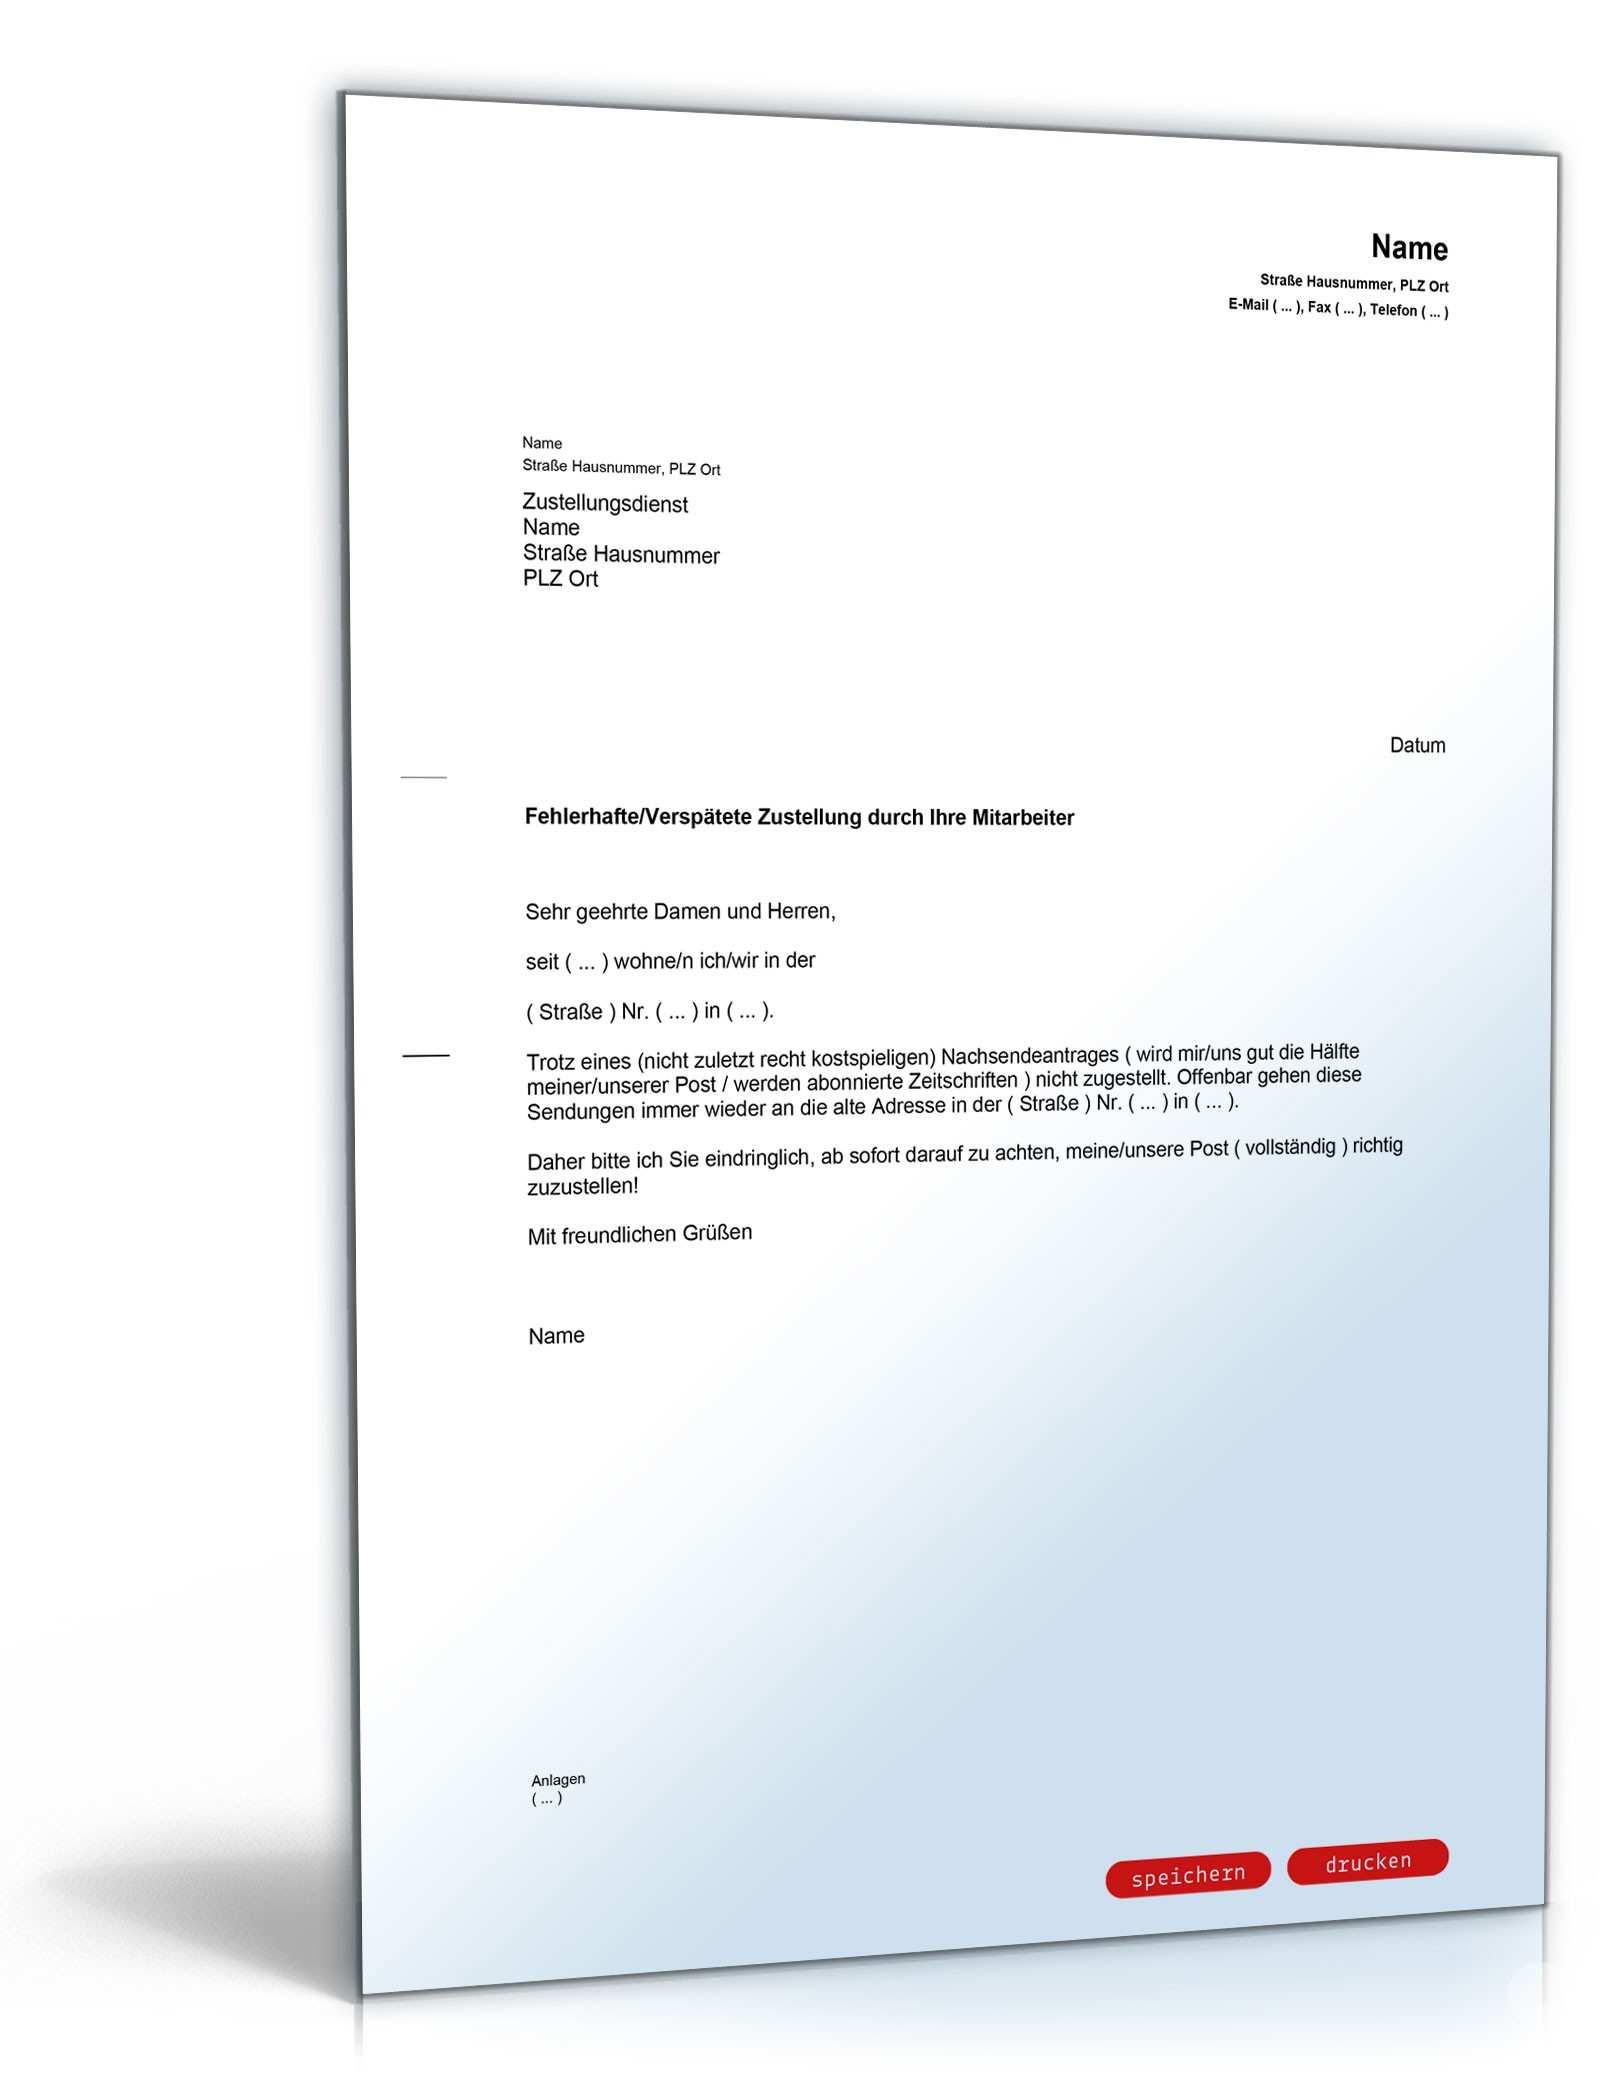 Beschwerde Fehlerhafte Postzustellung Muster Vorlage Zum Download